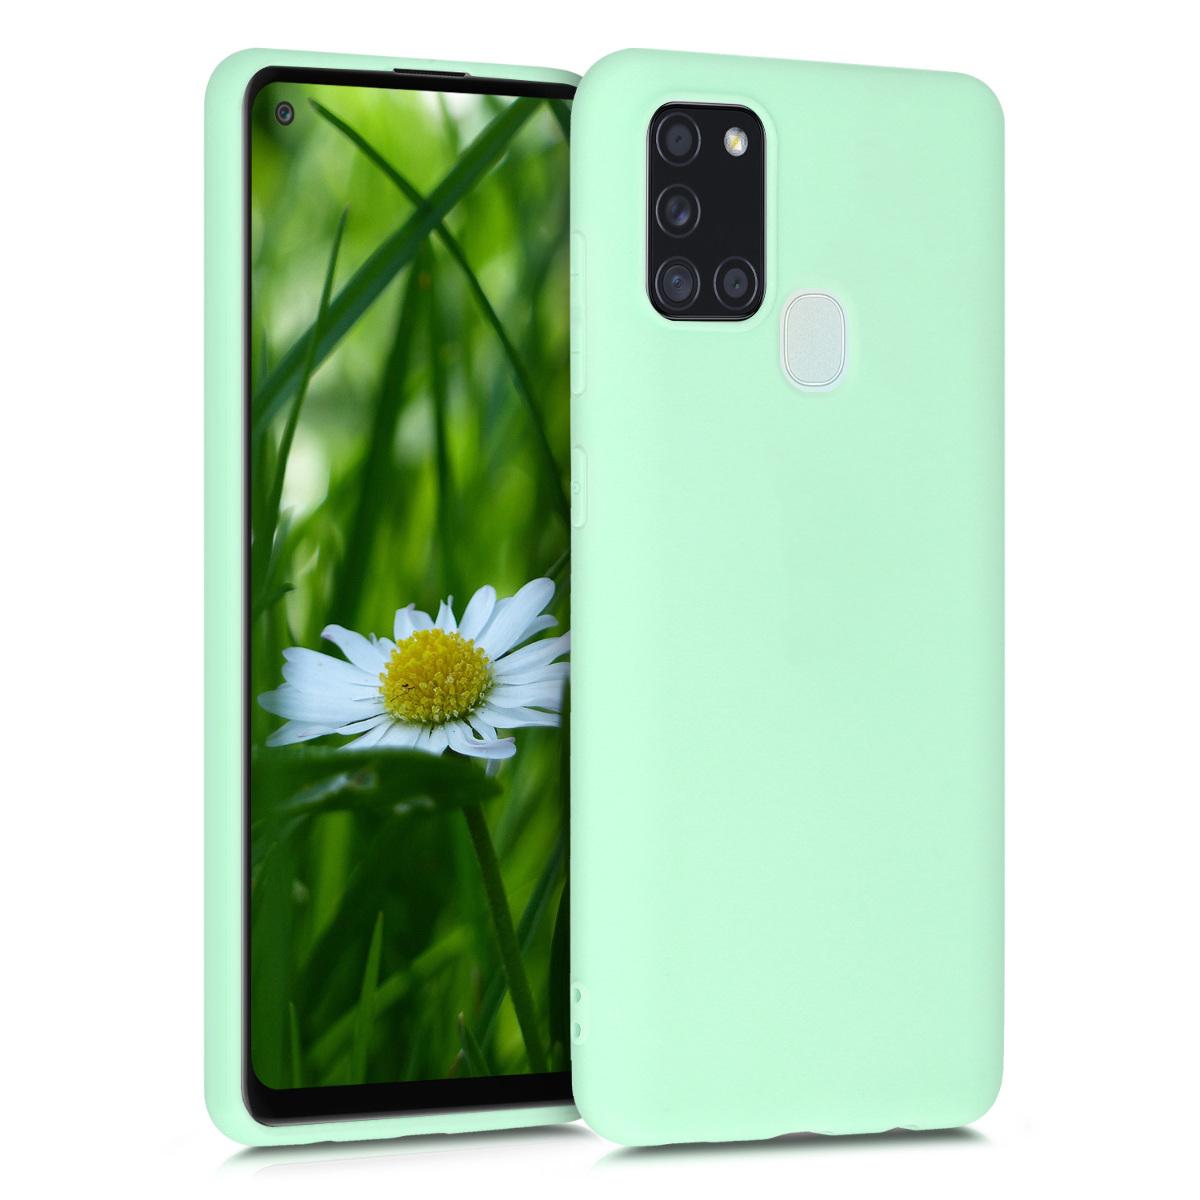 KW Θήκη Σιλικόνης Samsung Galaxy A21s - Mint Matte (52494.50)